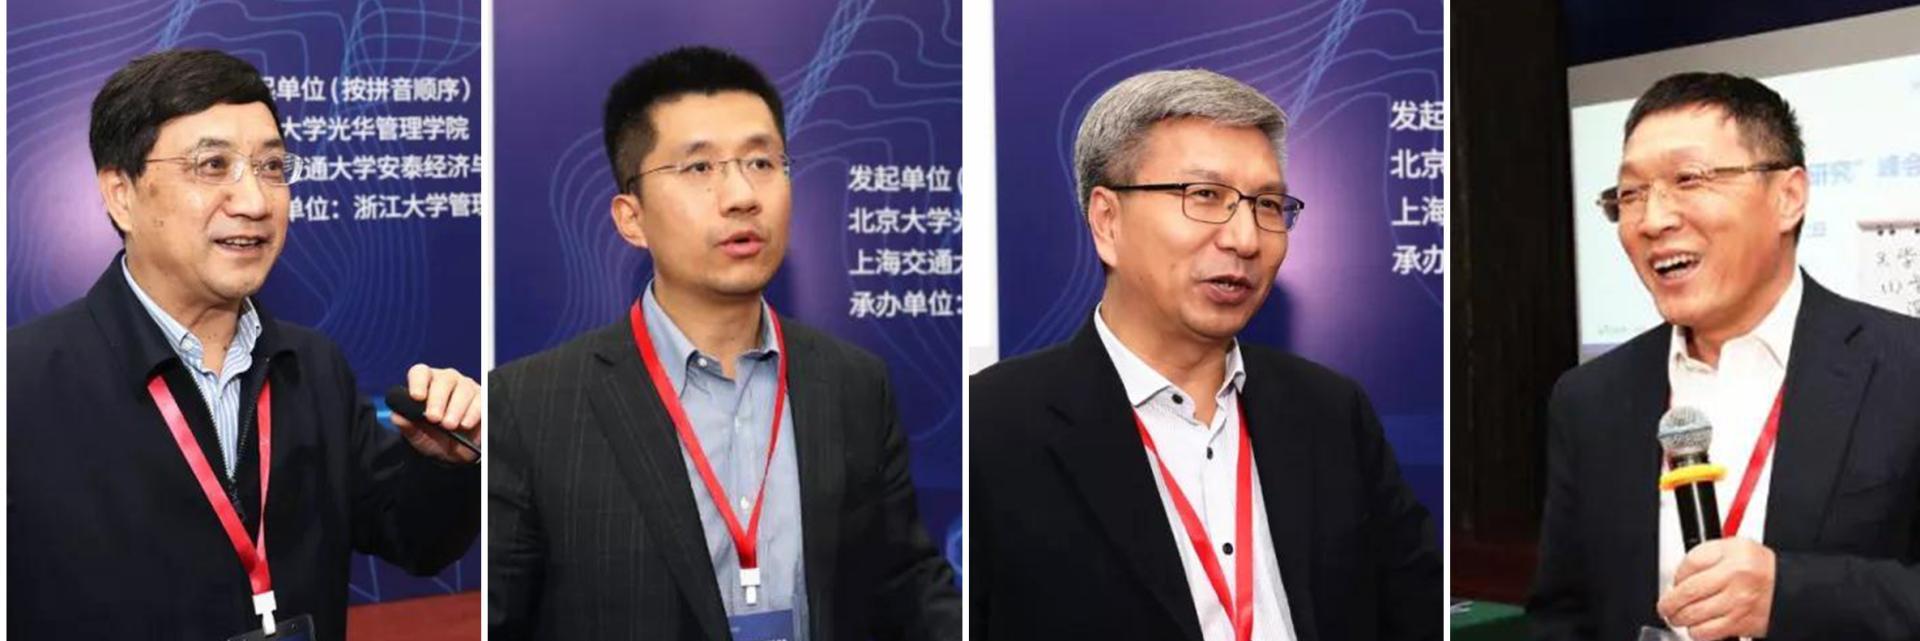 C9+商学院携手发表声明:把论文写在中国大地上!内附全文-第3张图片-C9联盟